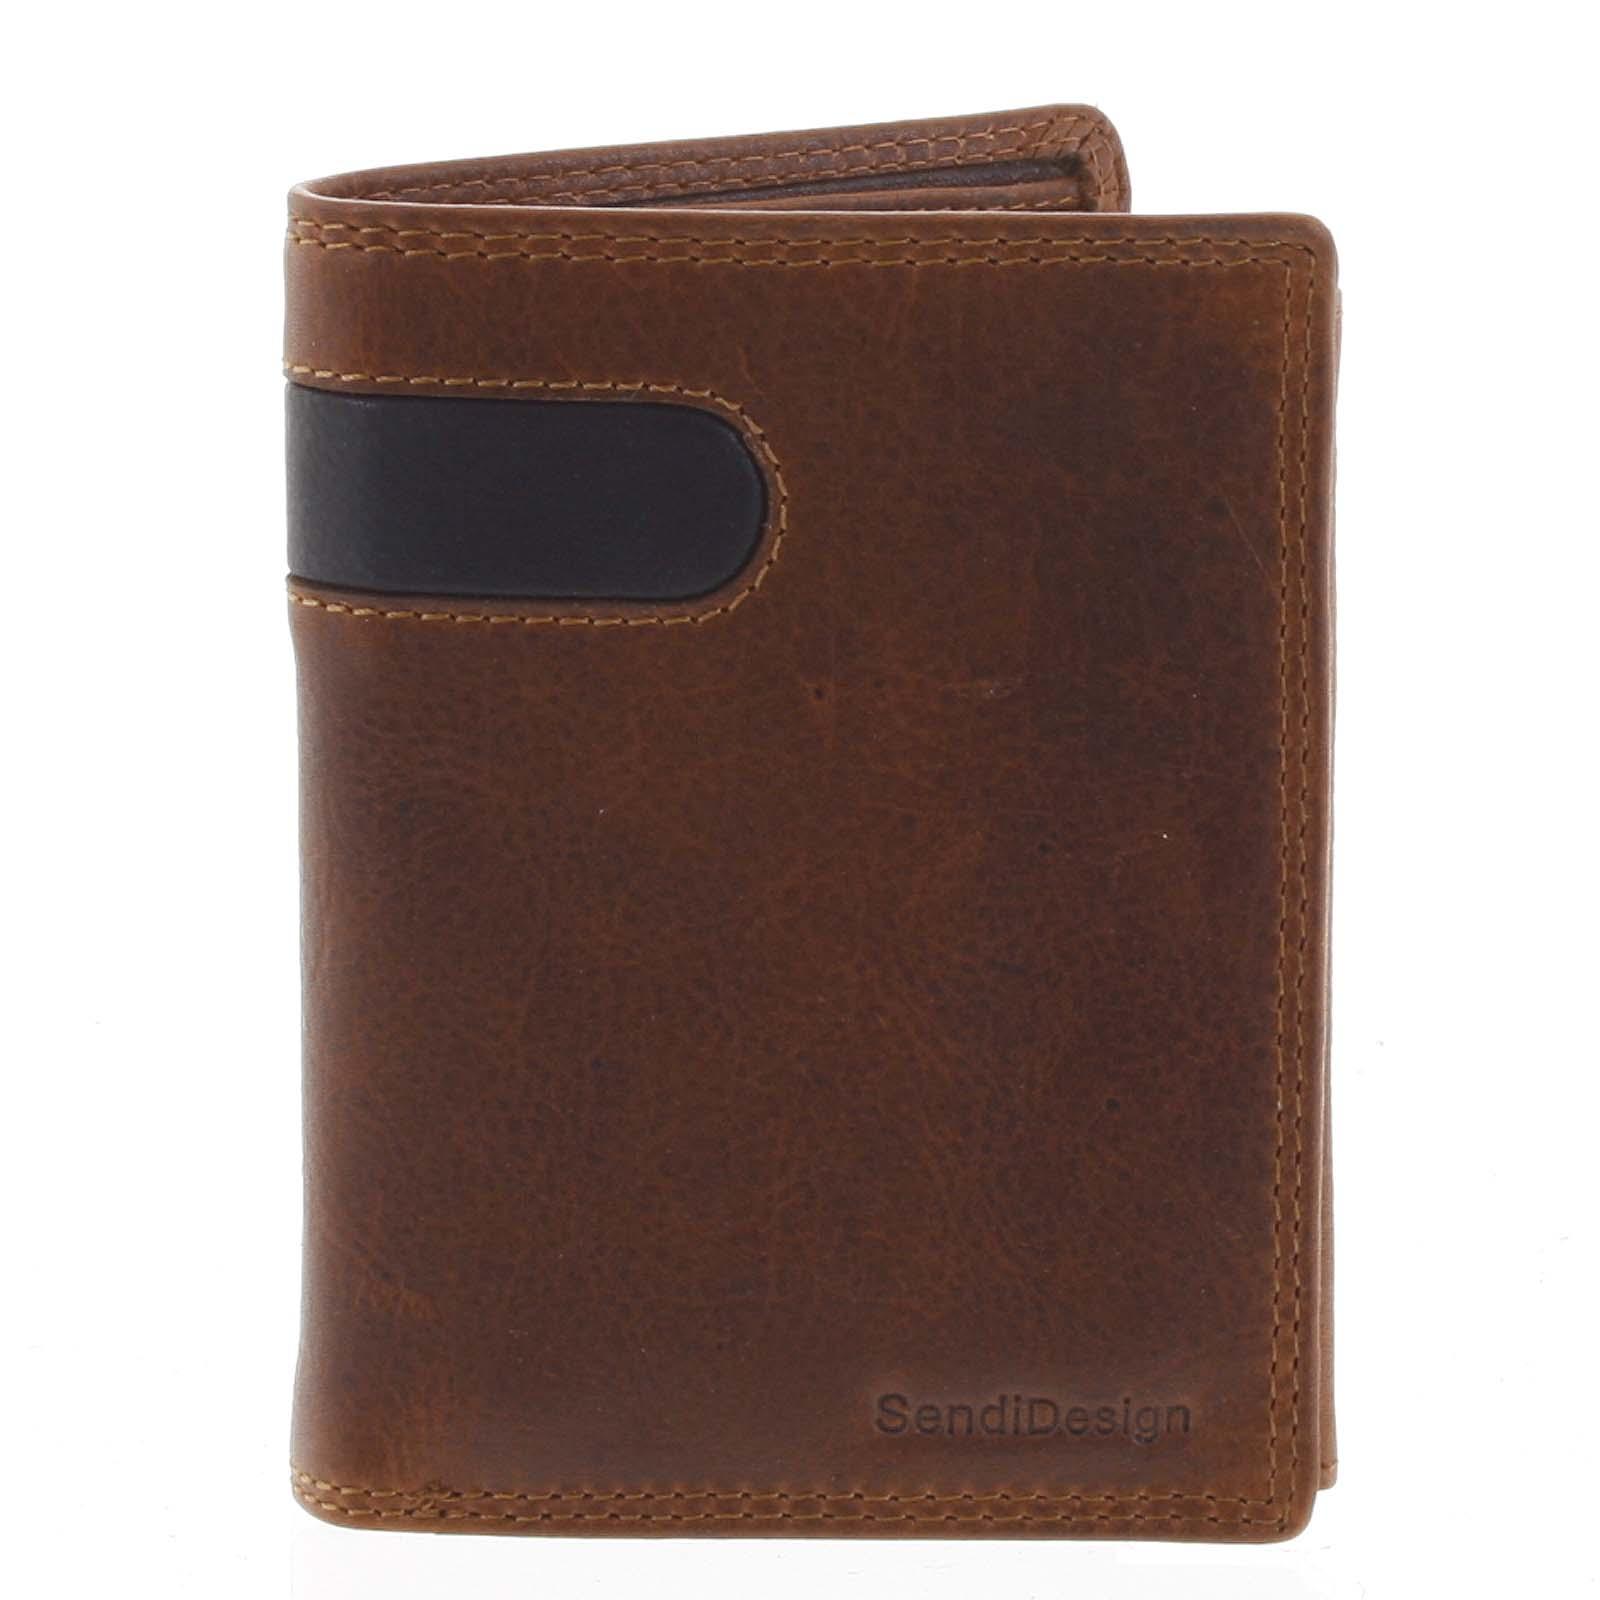 Pánska kožená peňaženka hnedá - SendiDesign Parah